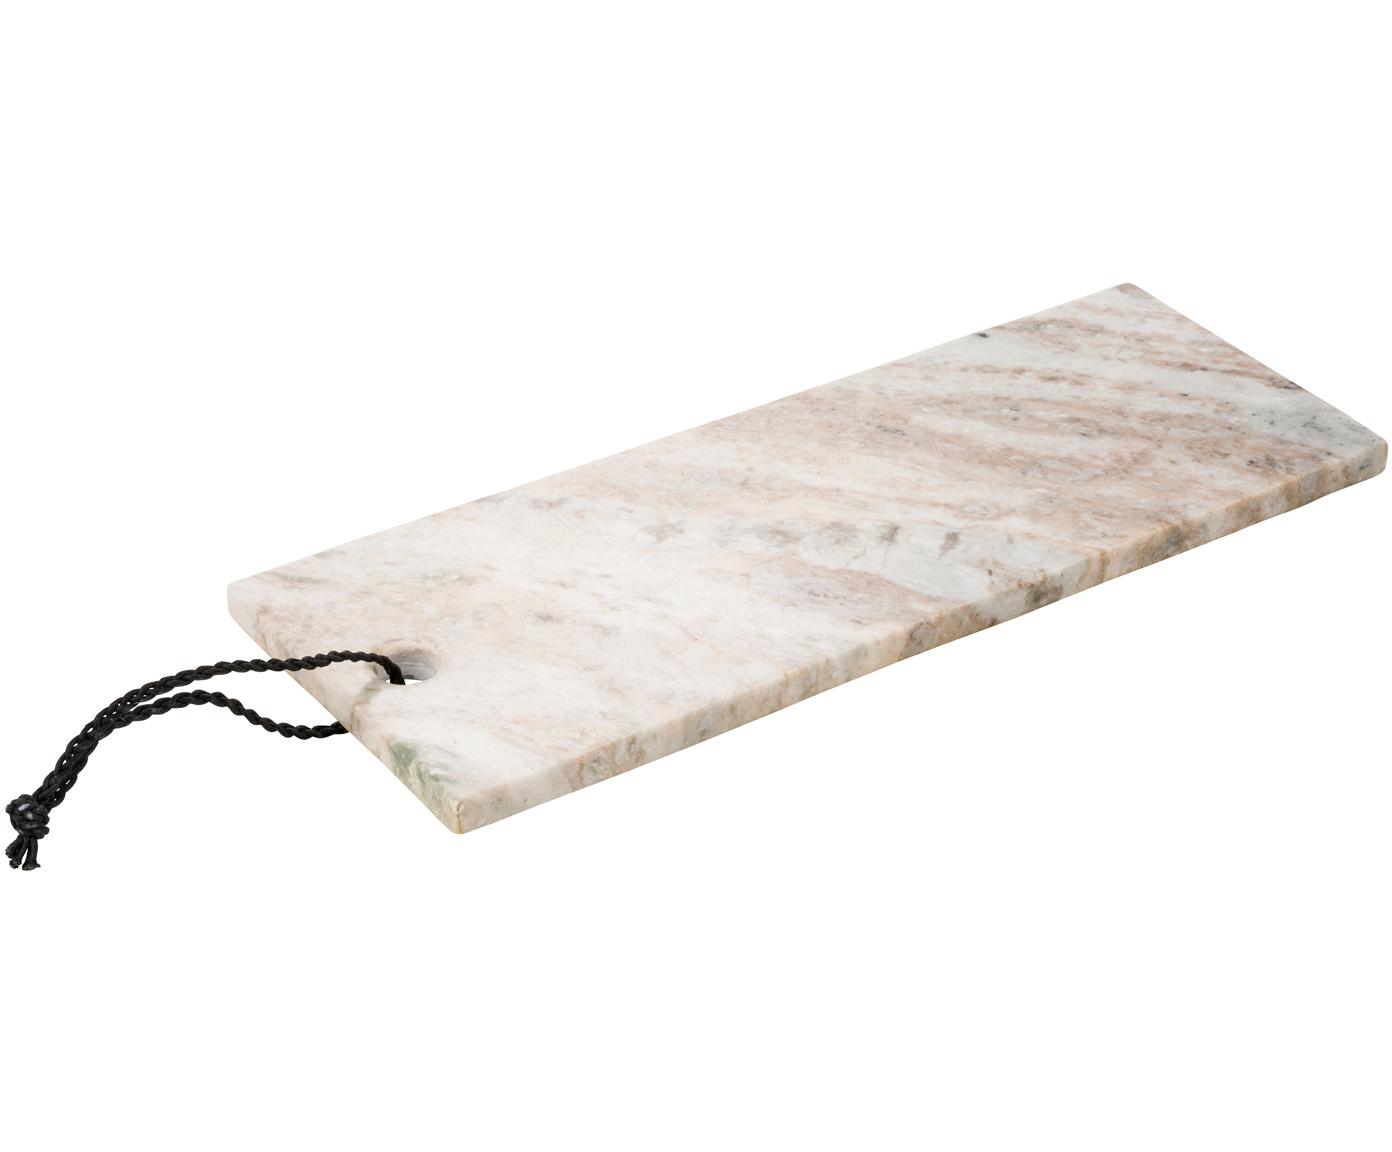 Deska do krojenia z marmuru Torrant, Marmur, Odcienie beżowego, biały, S 40 x G 15 cm